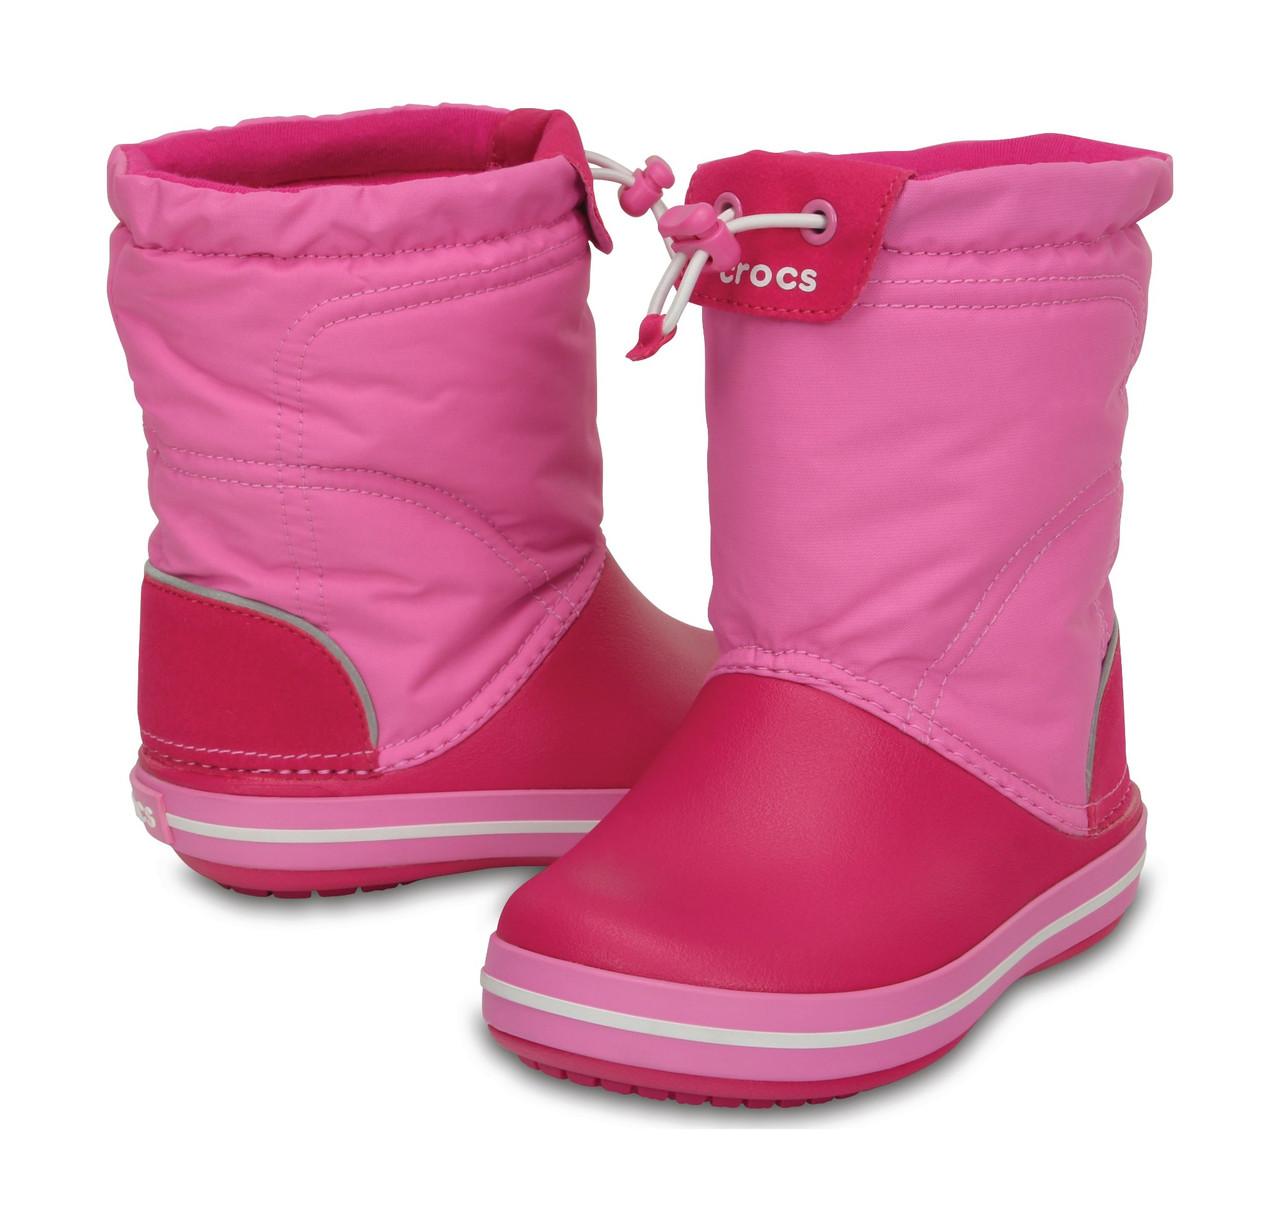 d4b056e93 Сапоги зимние для девочки Crocs Kids Crocband LodgePoint Boot / сноубутсы  детские непромокаемые с затяжкой -